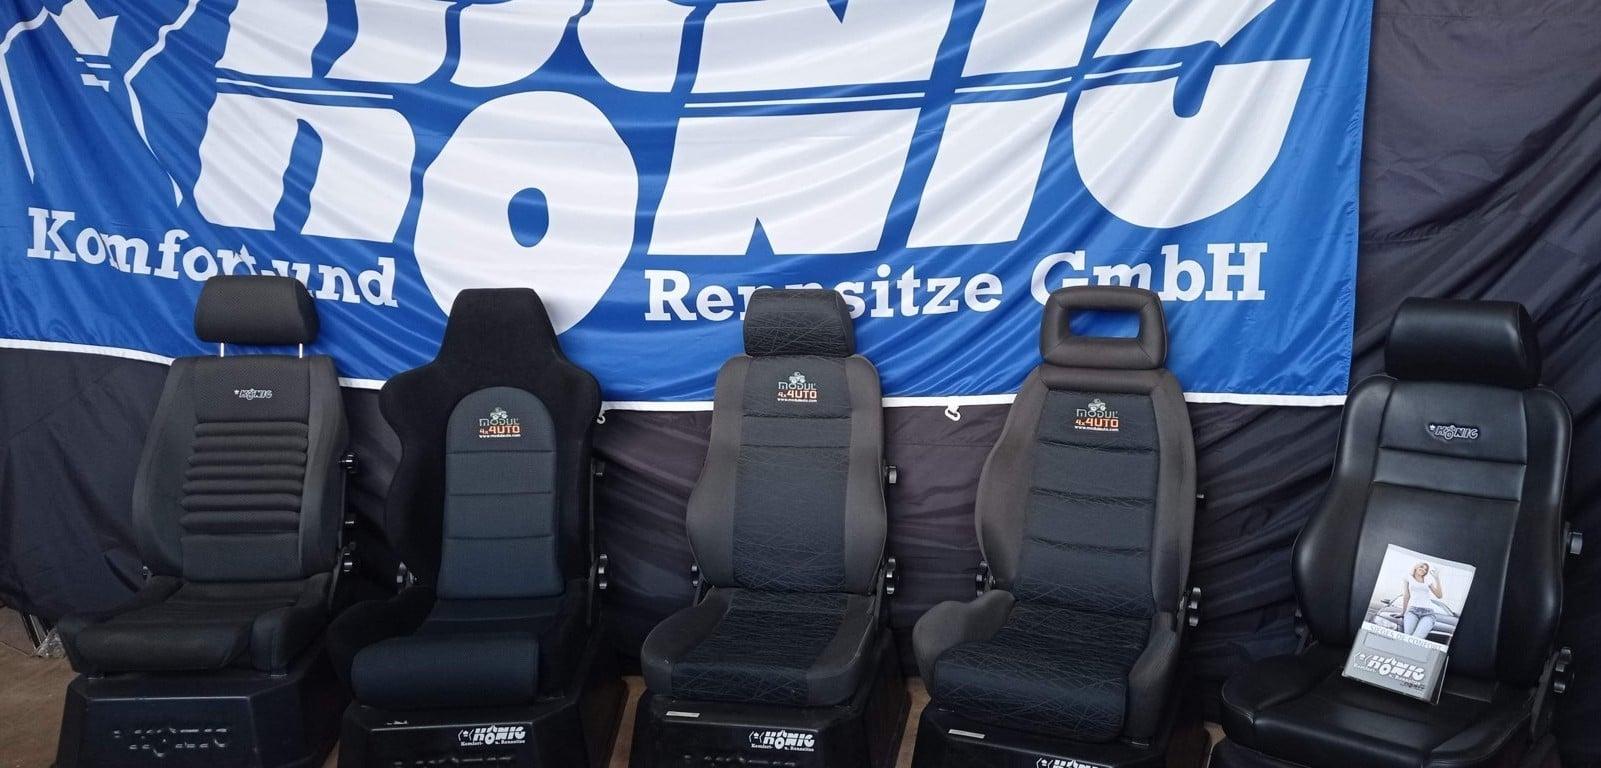 Les sièges König sont chez ModulAuto